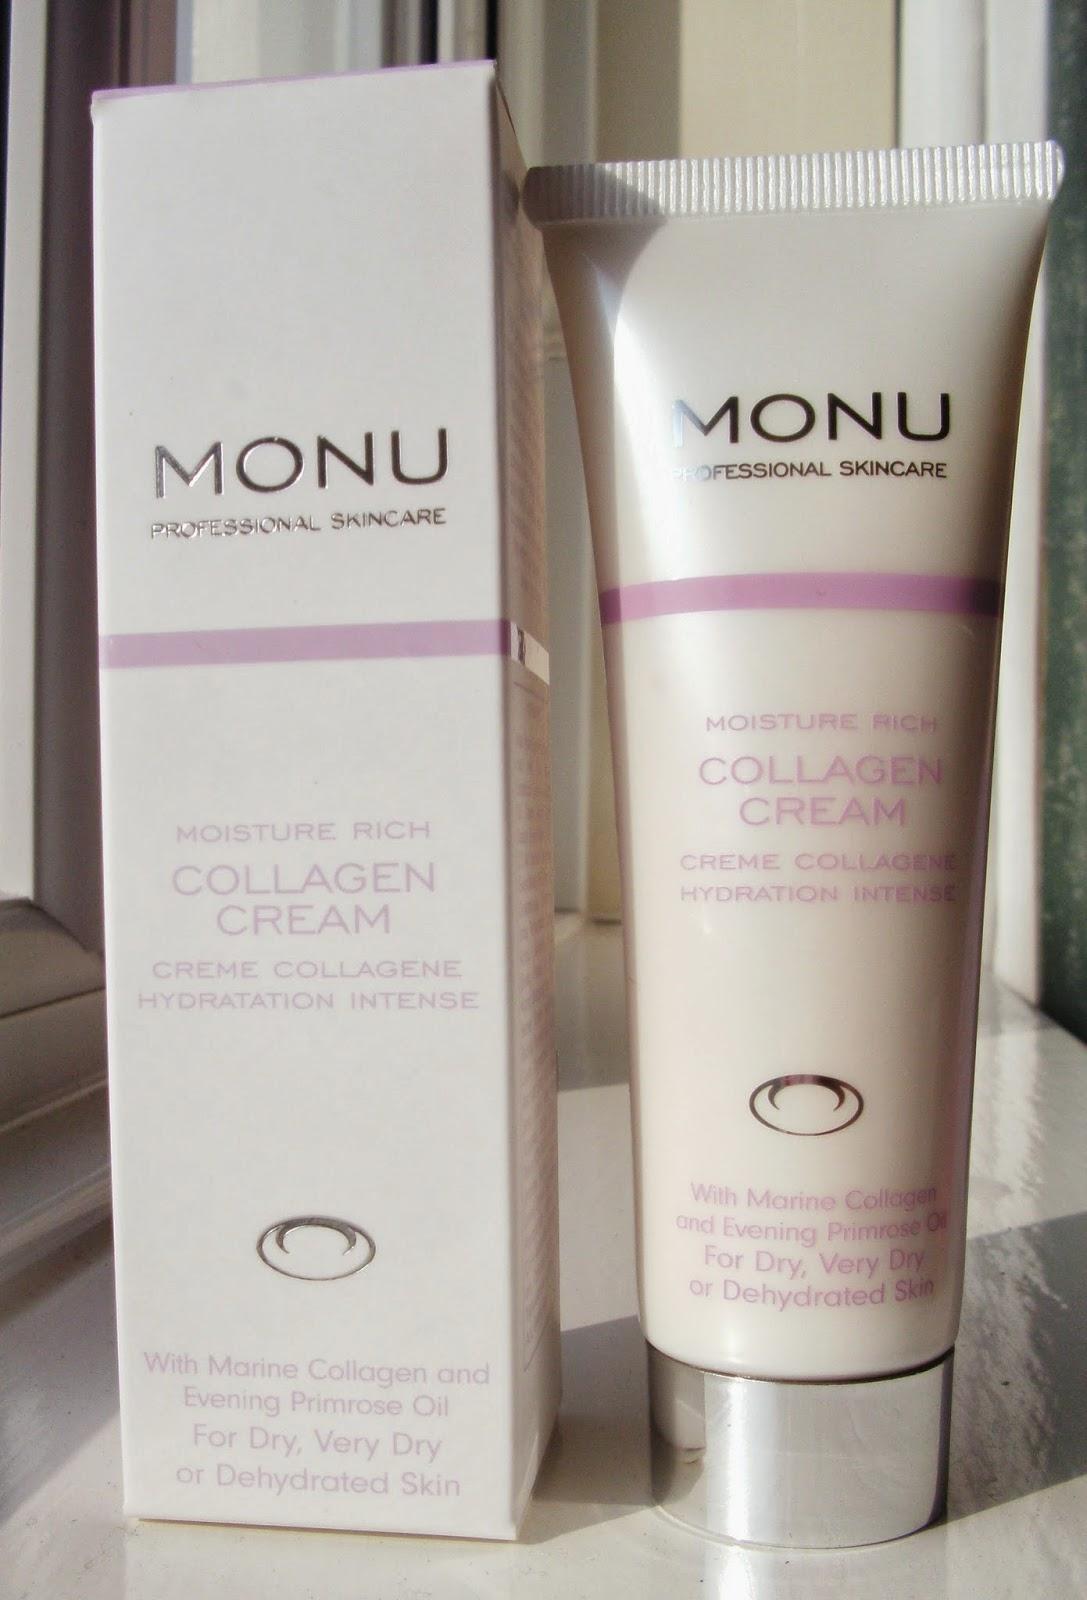 MONU Moisture Rich Collagen Cream Review